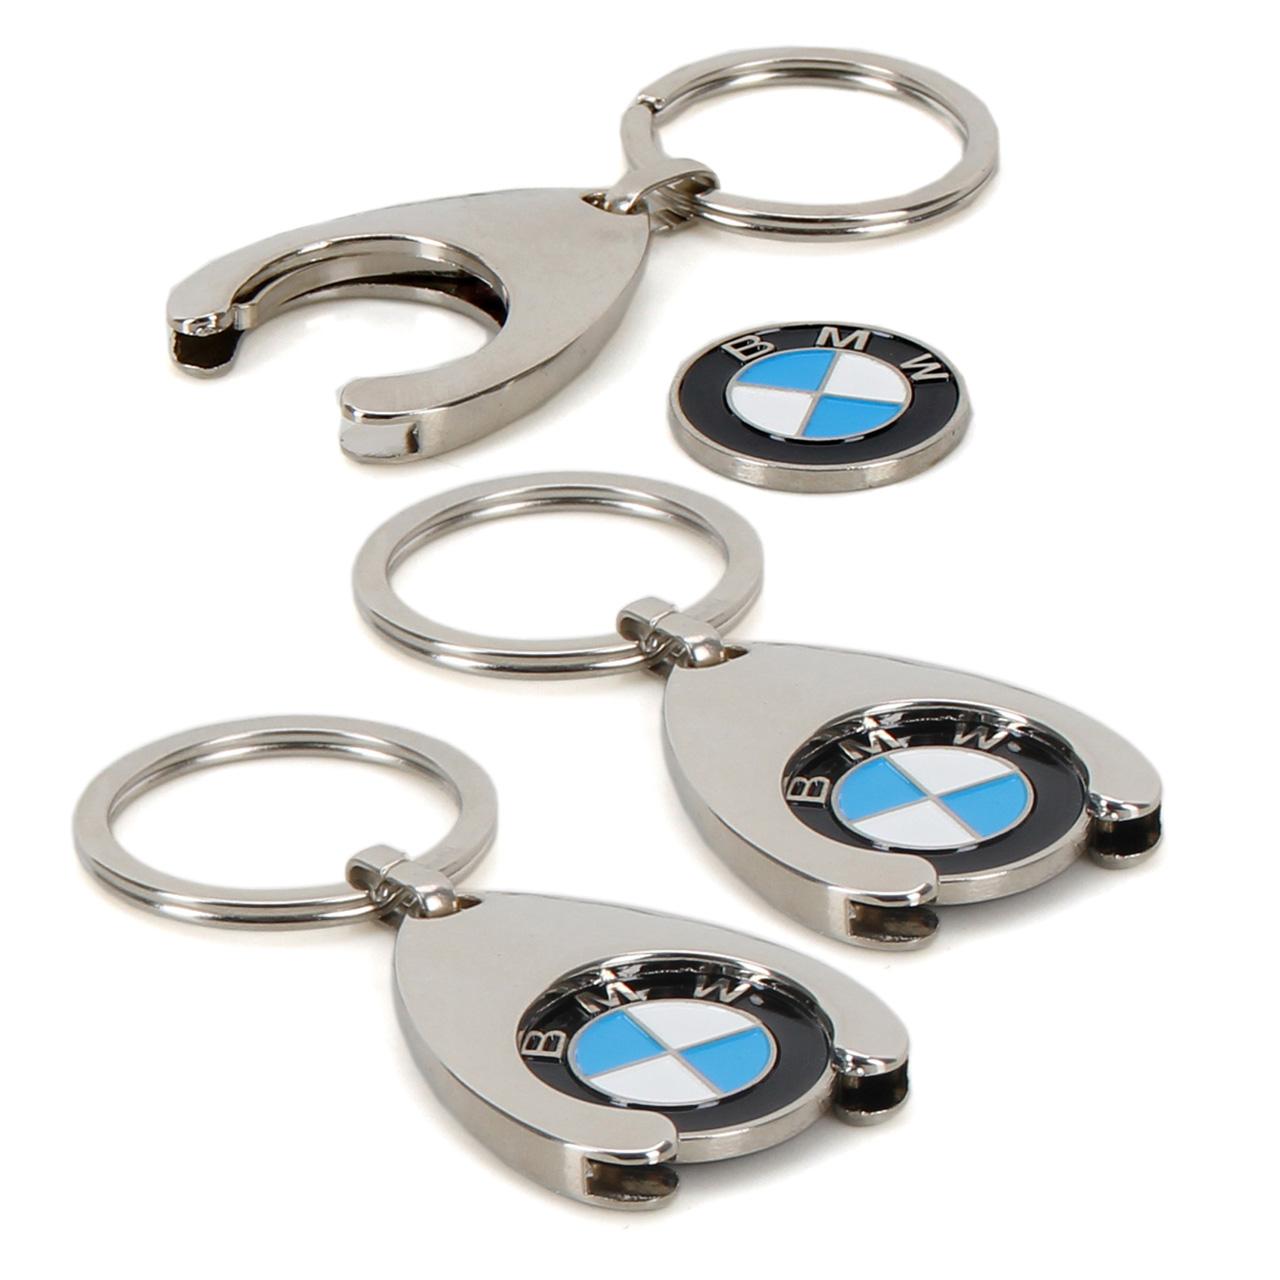 3x ORIGINAL BMW Schlüsselanhänger + Einkaufschip Chip Einkaufswagen 80272446749